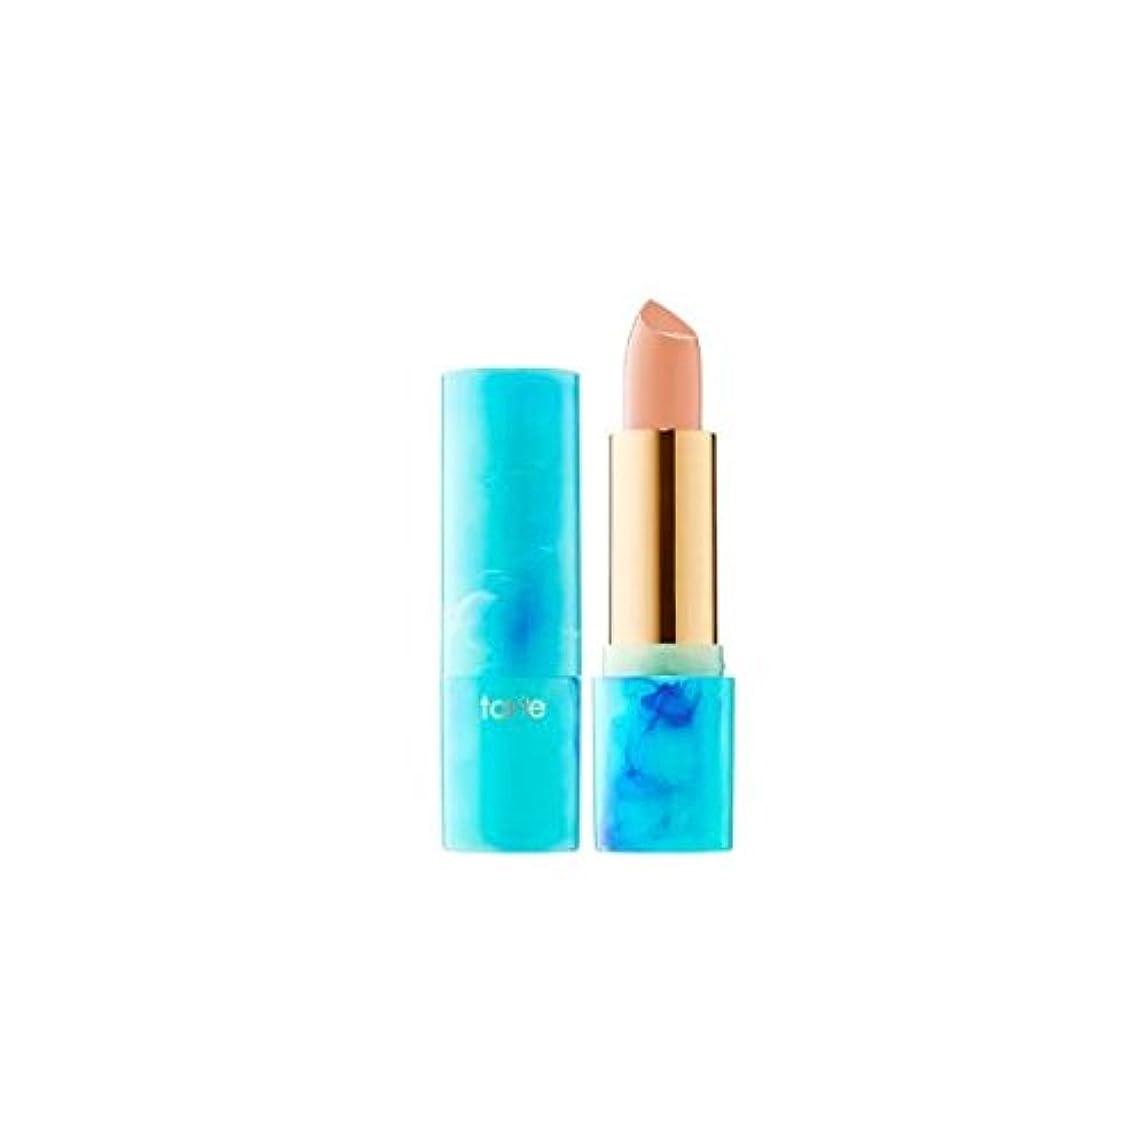 吹きさらし配当人工tarteタルト リップ Color Splash Lipstick - Rainforest of the Sea Collection Satin finish